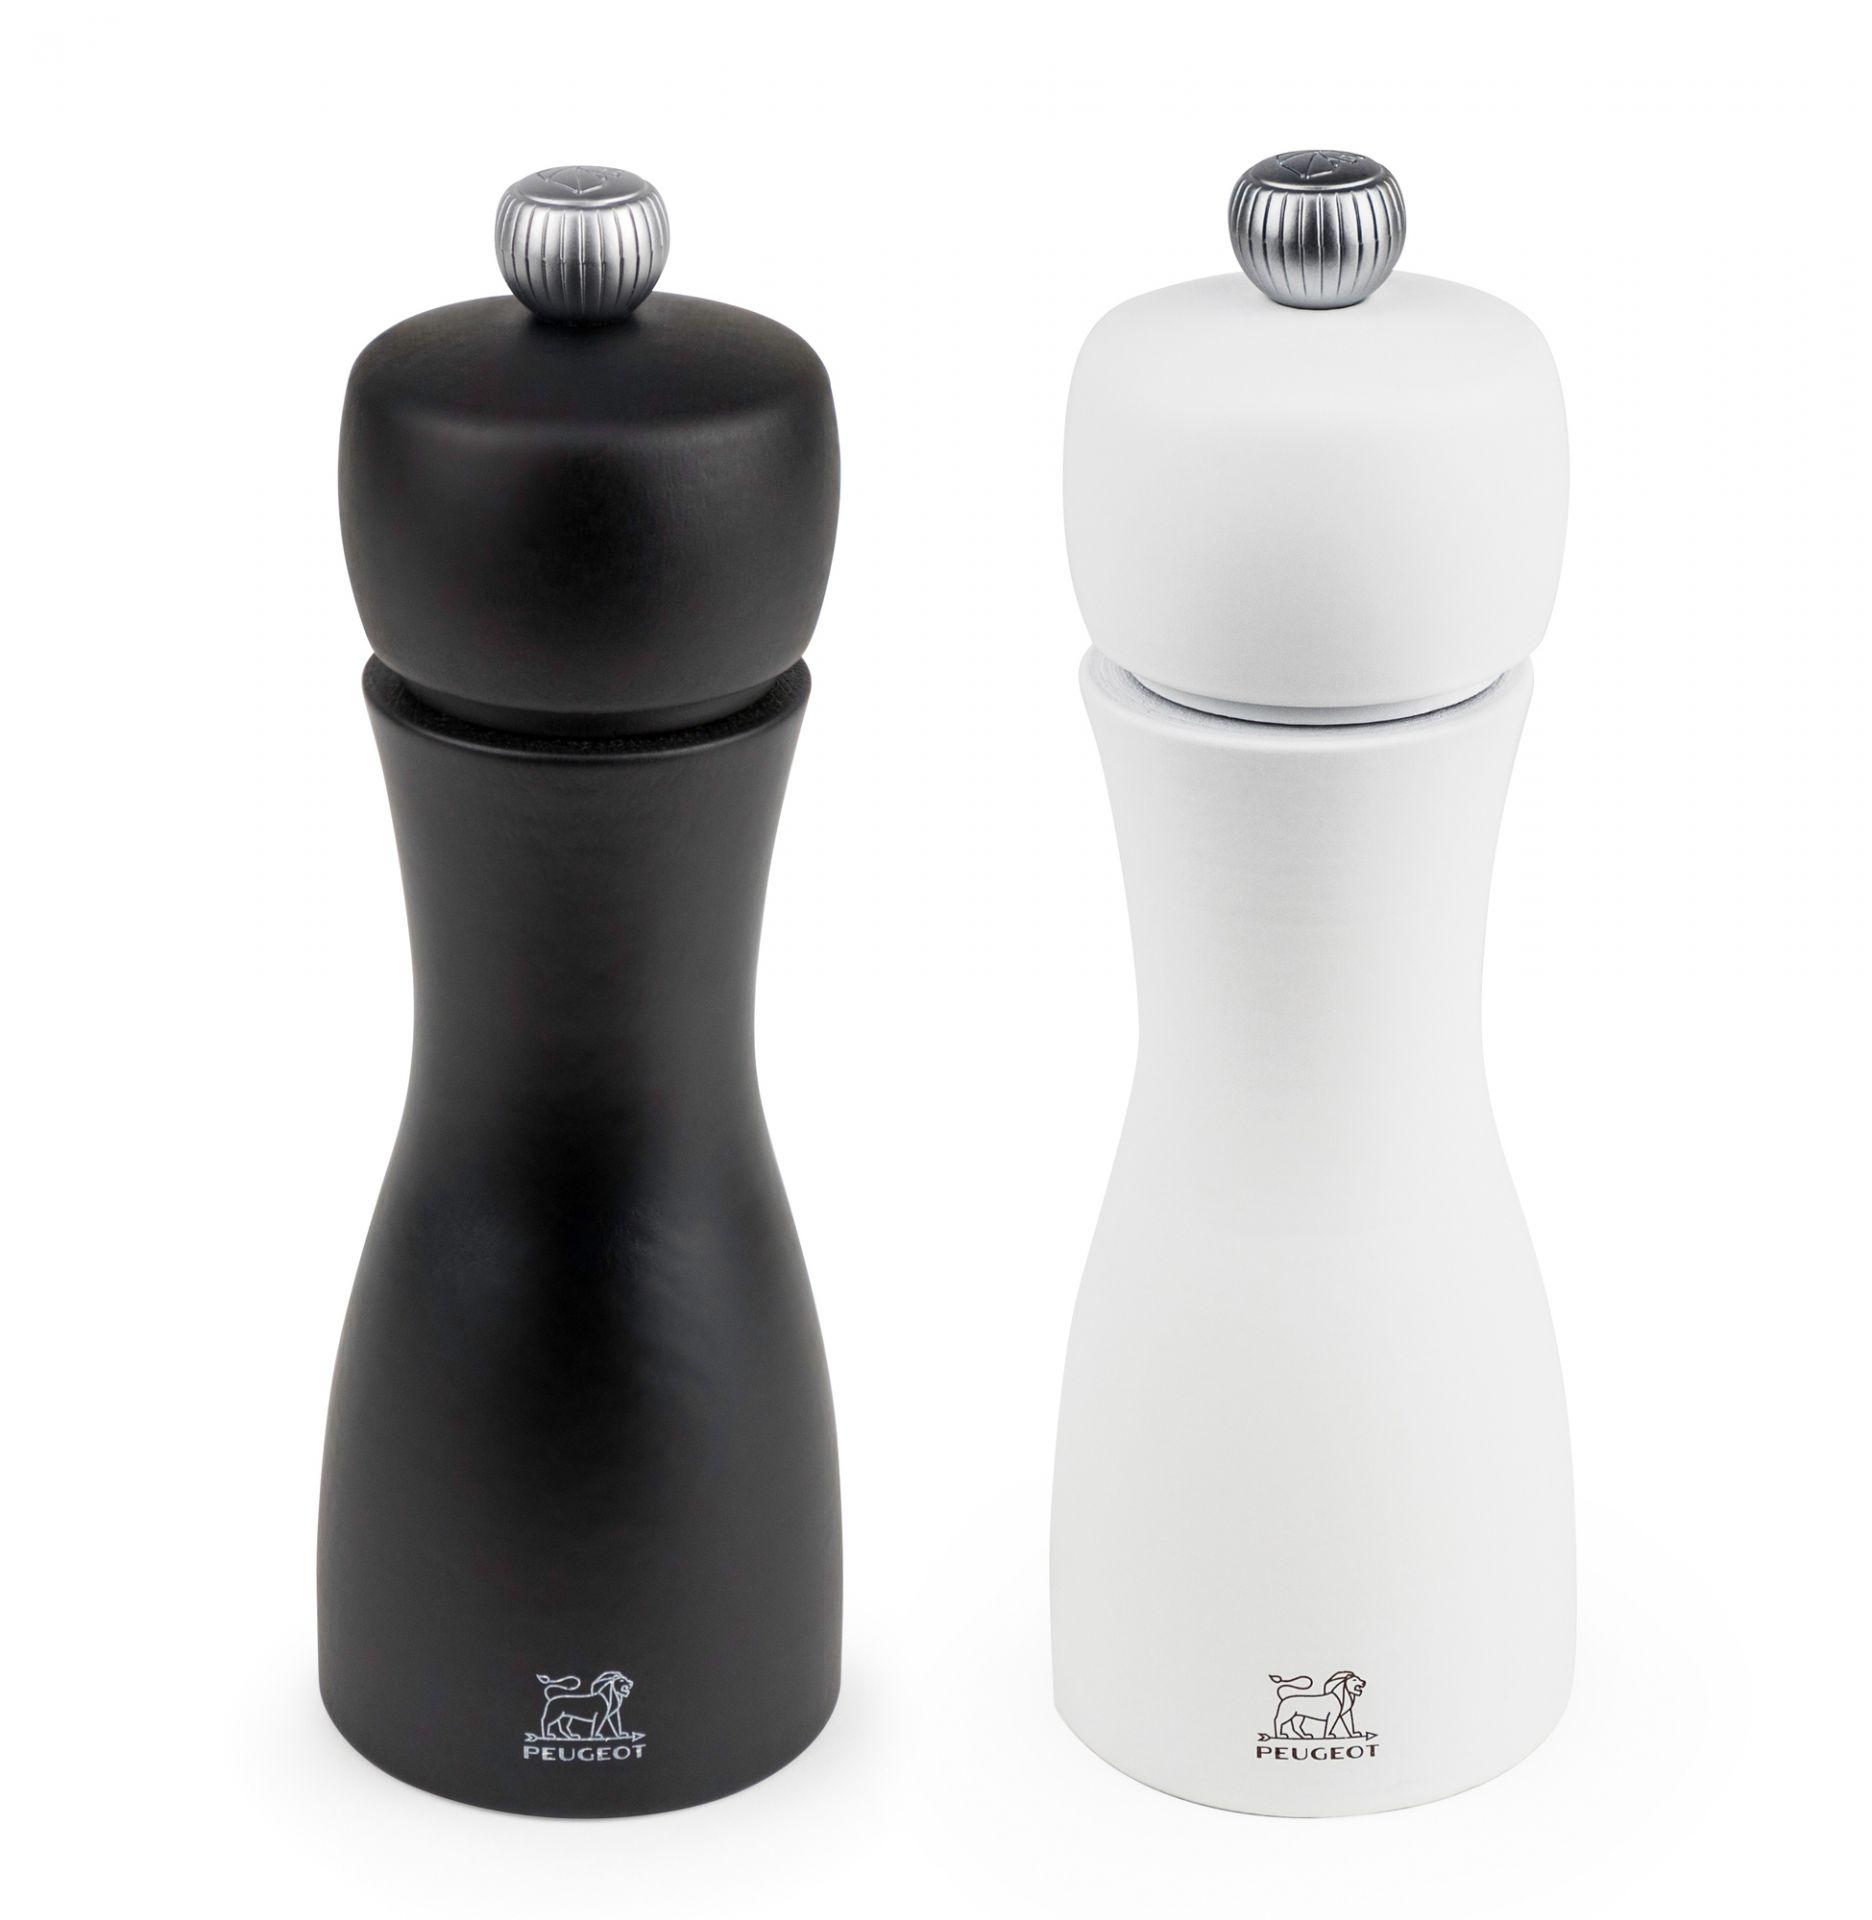 Duo Tahiti schwarz und weiß Duo Salz- und Pfeffermühle Peugeot